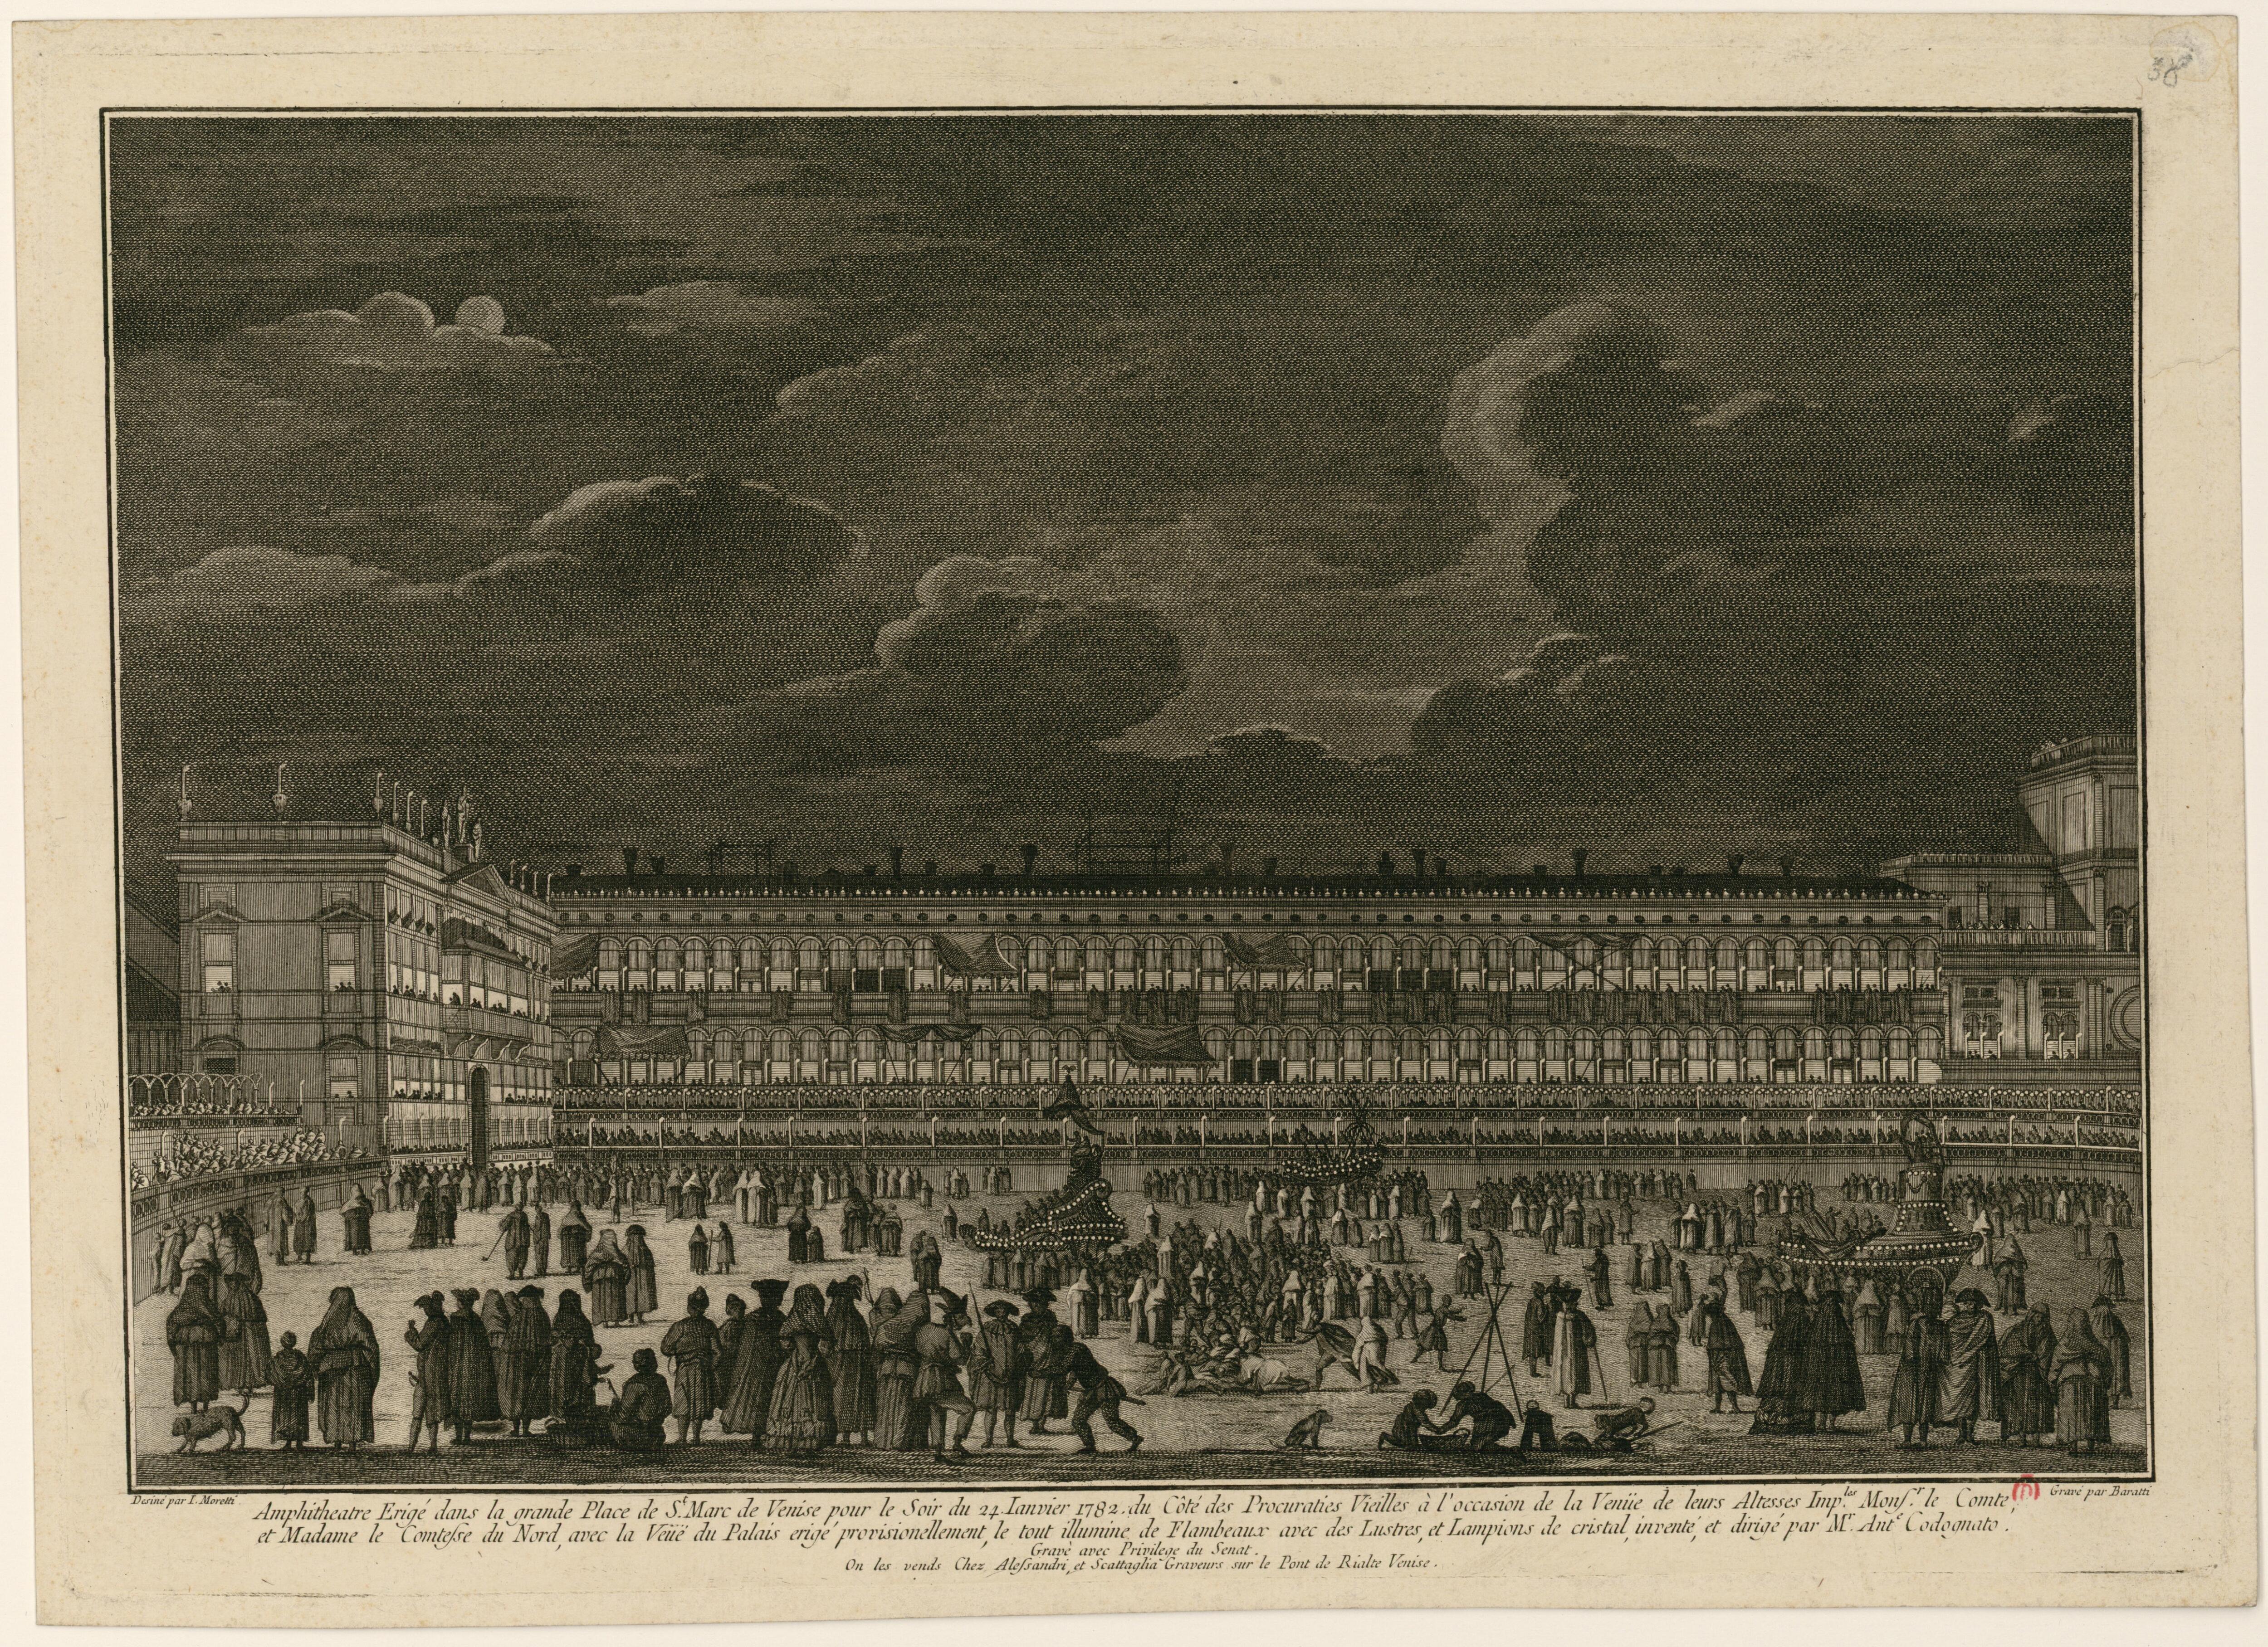 Временный амфитеатр, воздвигнутый на площади Сан-Марко в Венеции вечером 24 января 1782